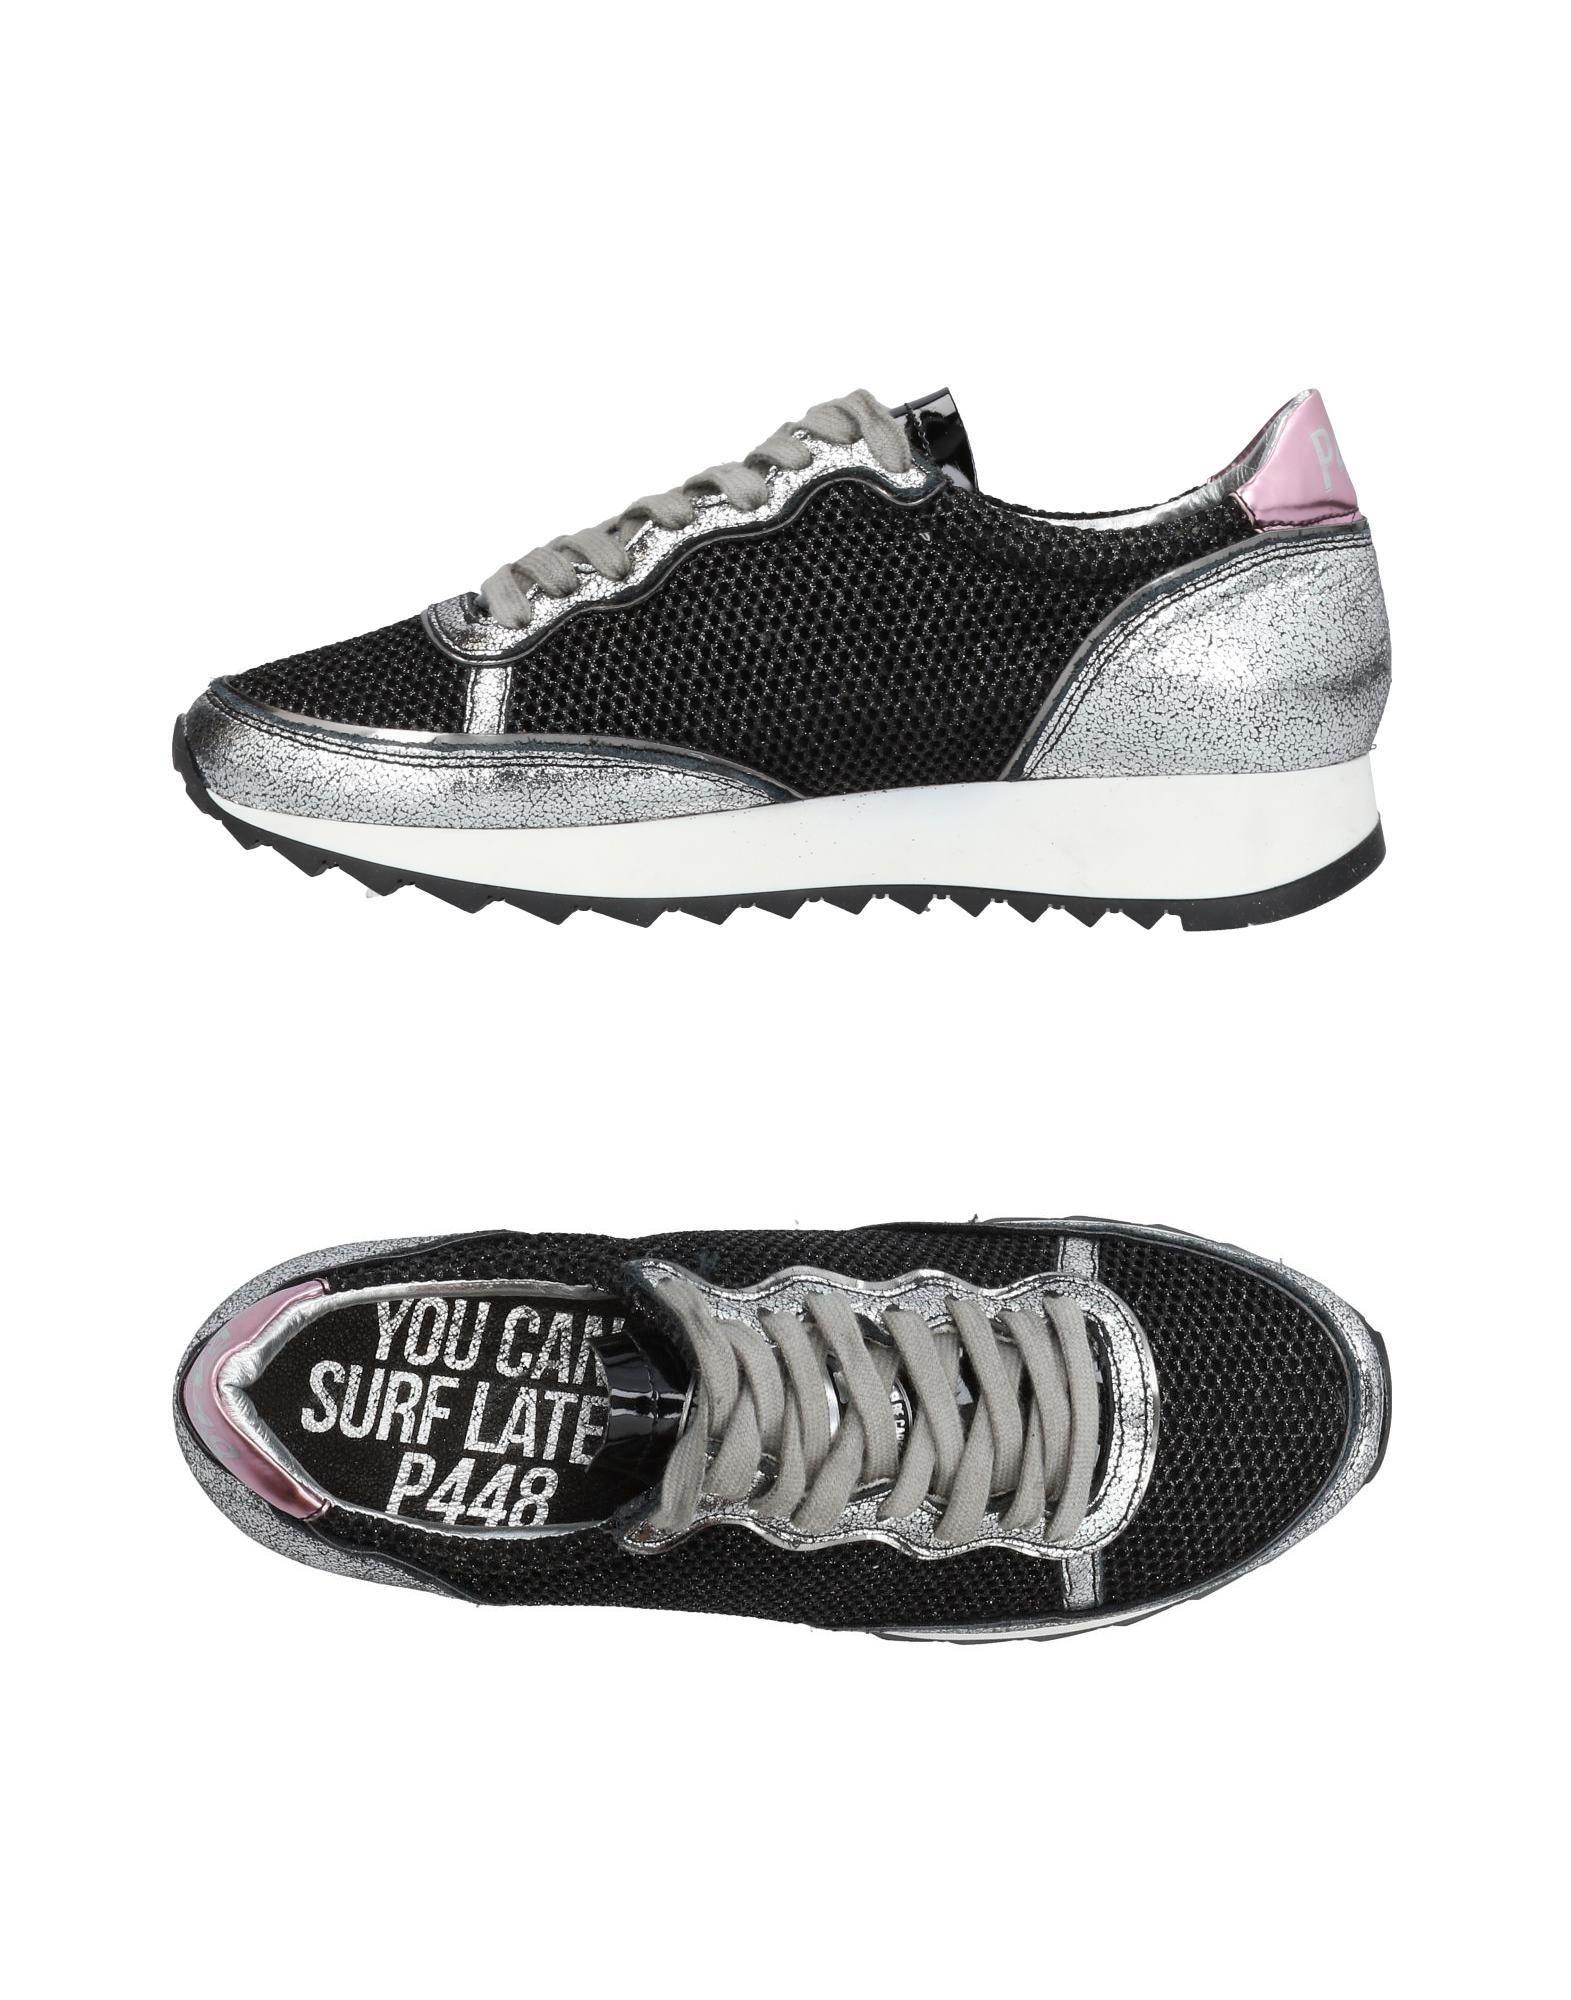 Moda Sneakers Sneakers Moda P448 Donna - 11456148BF 3d513f